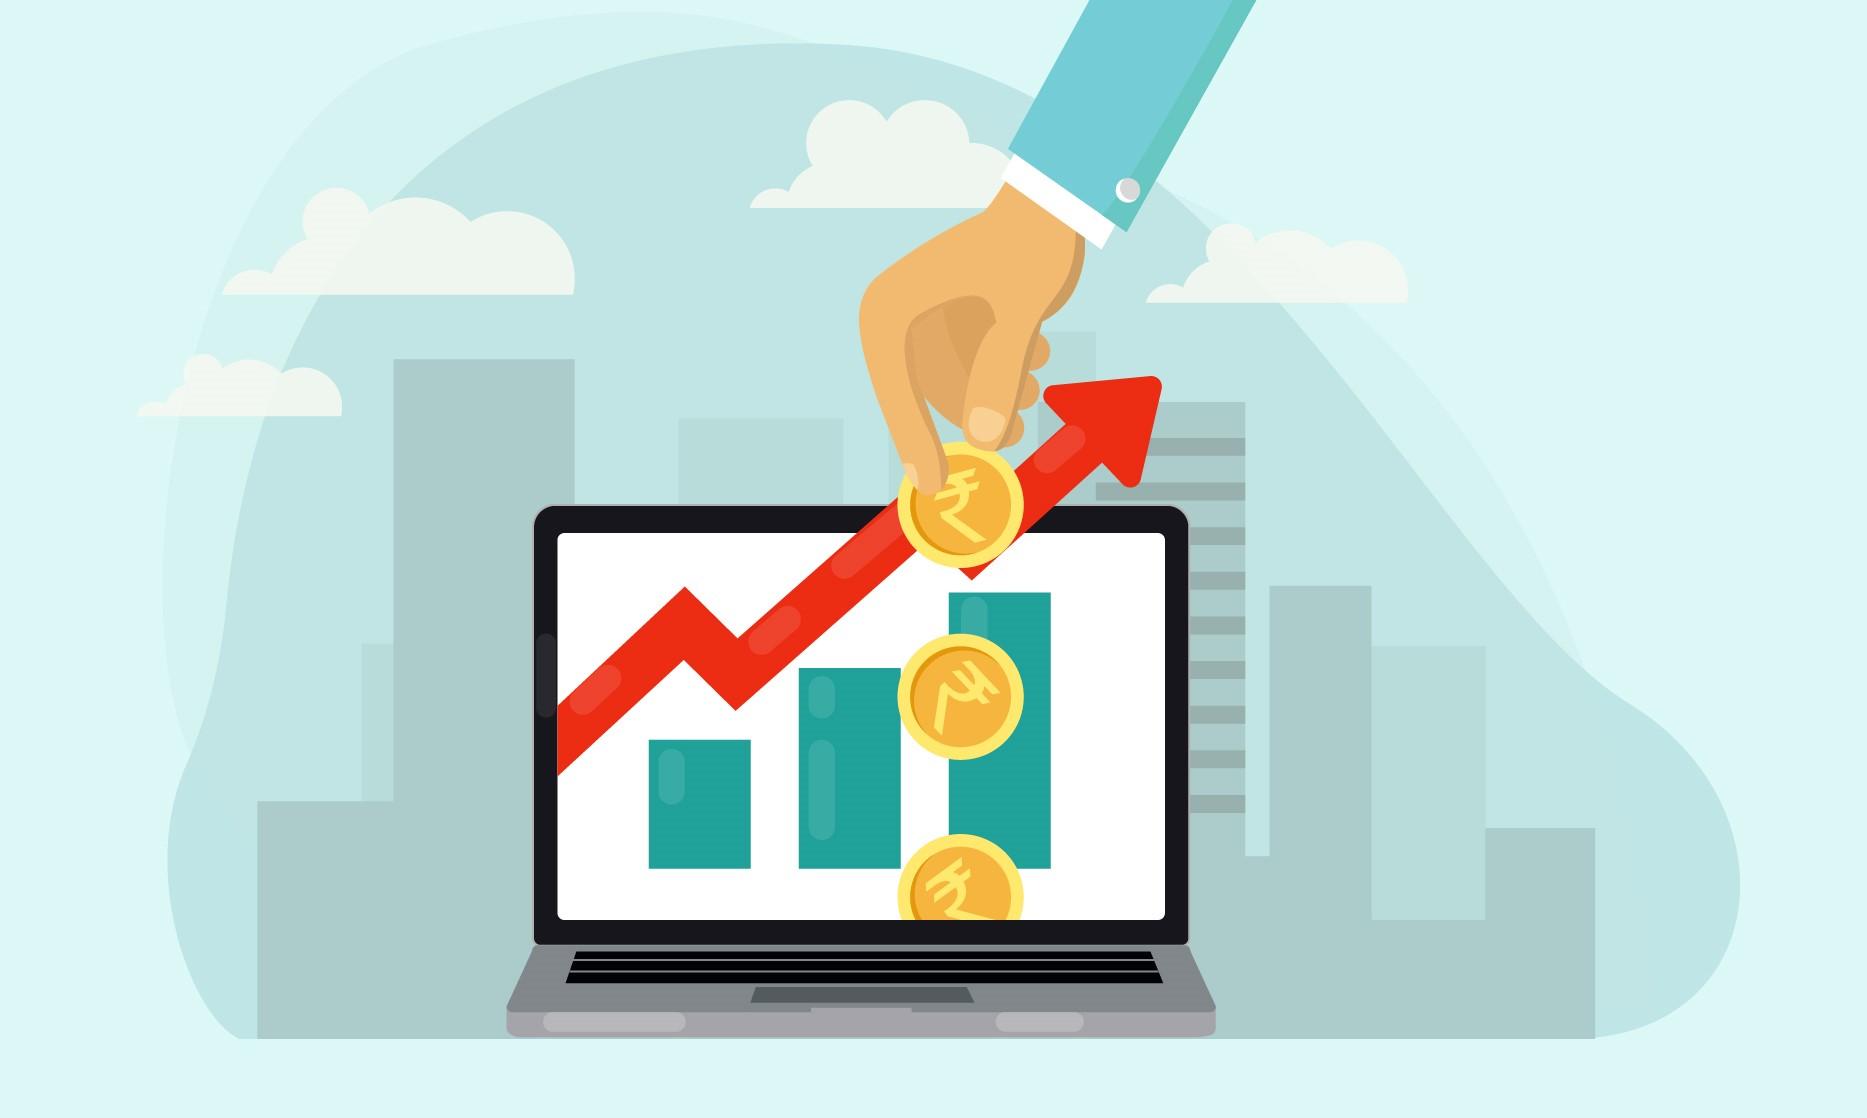 Cek Nih! 15 Reksa Dana Terbaik Biar Investasi Makin Cuan